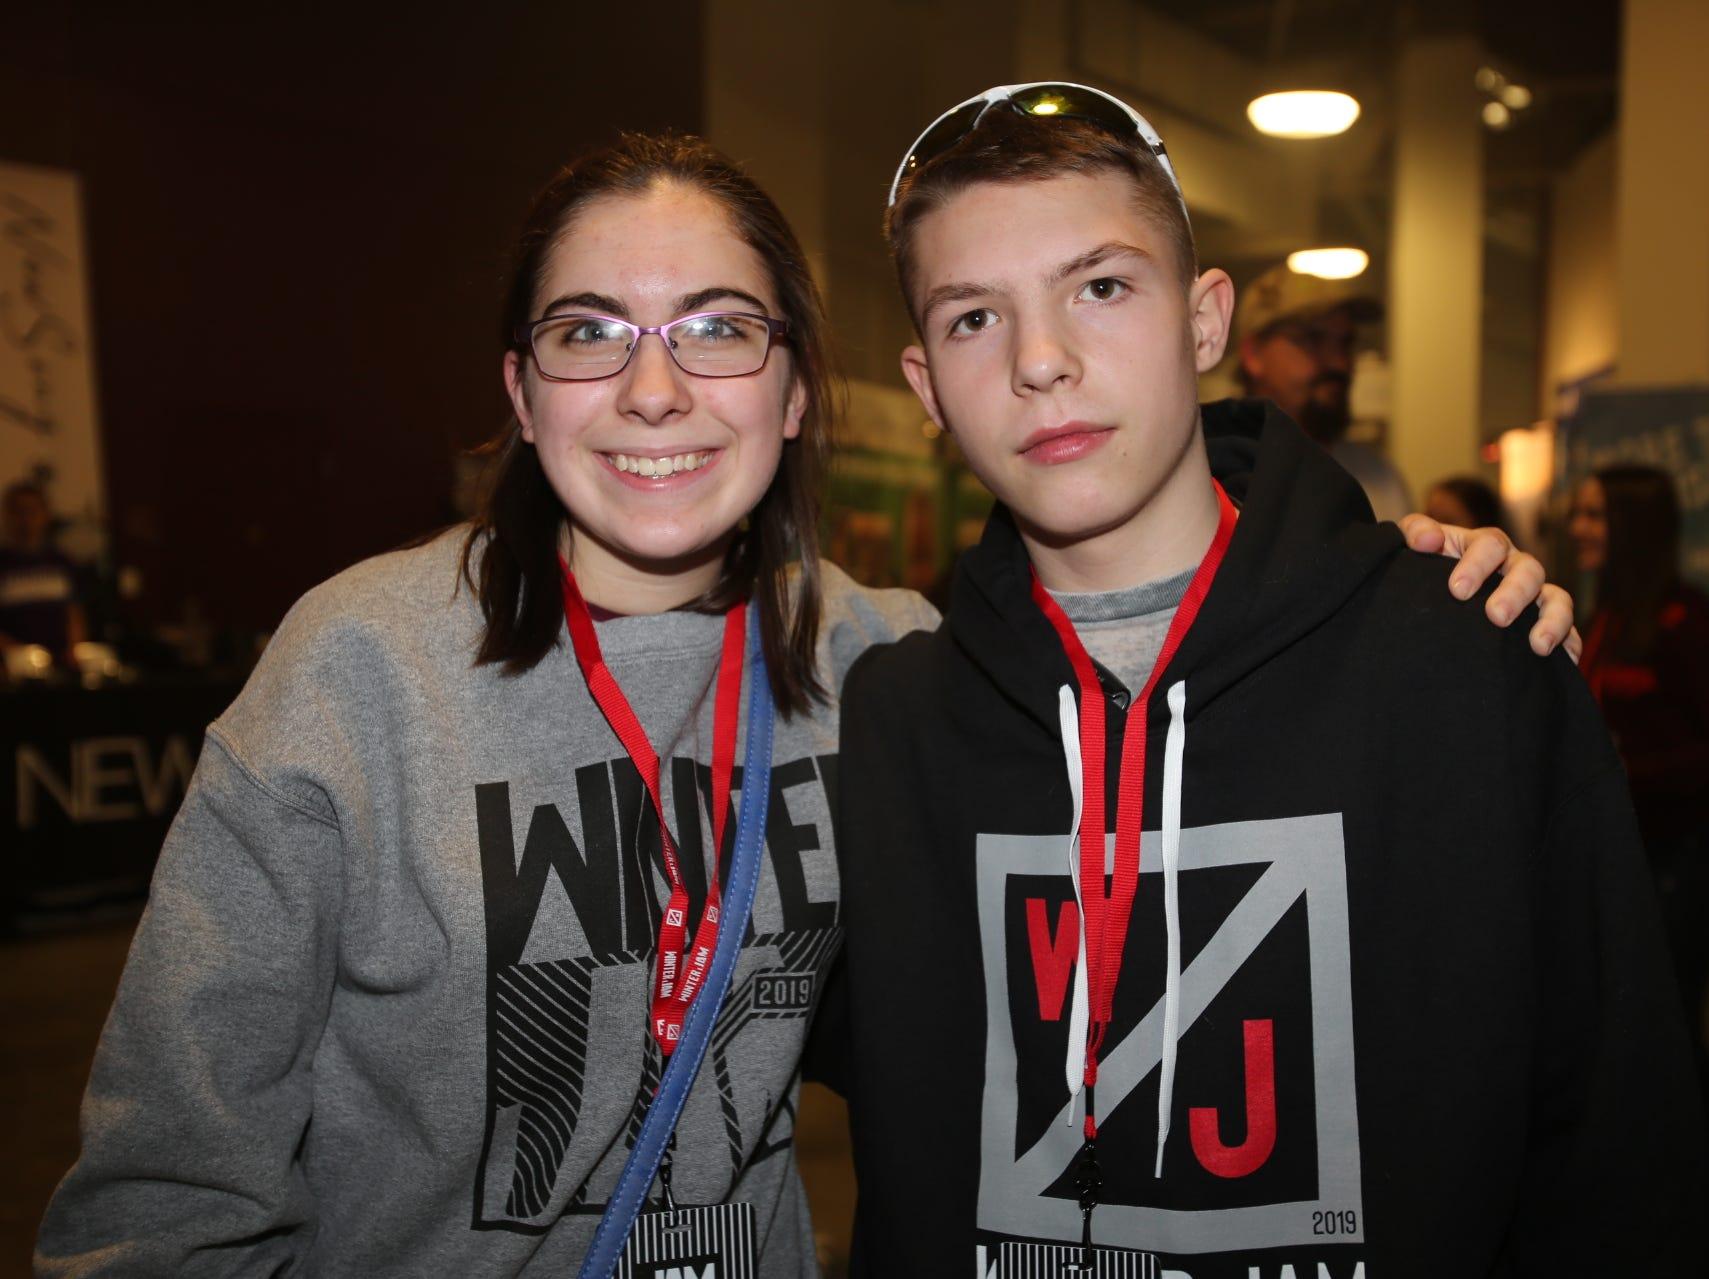 Lauren and Maximus